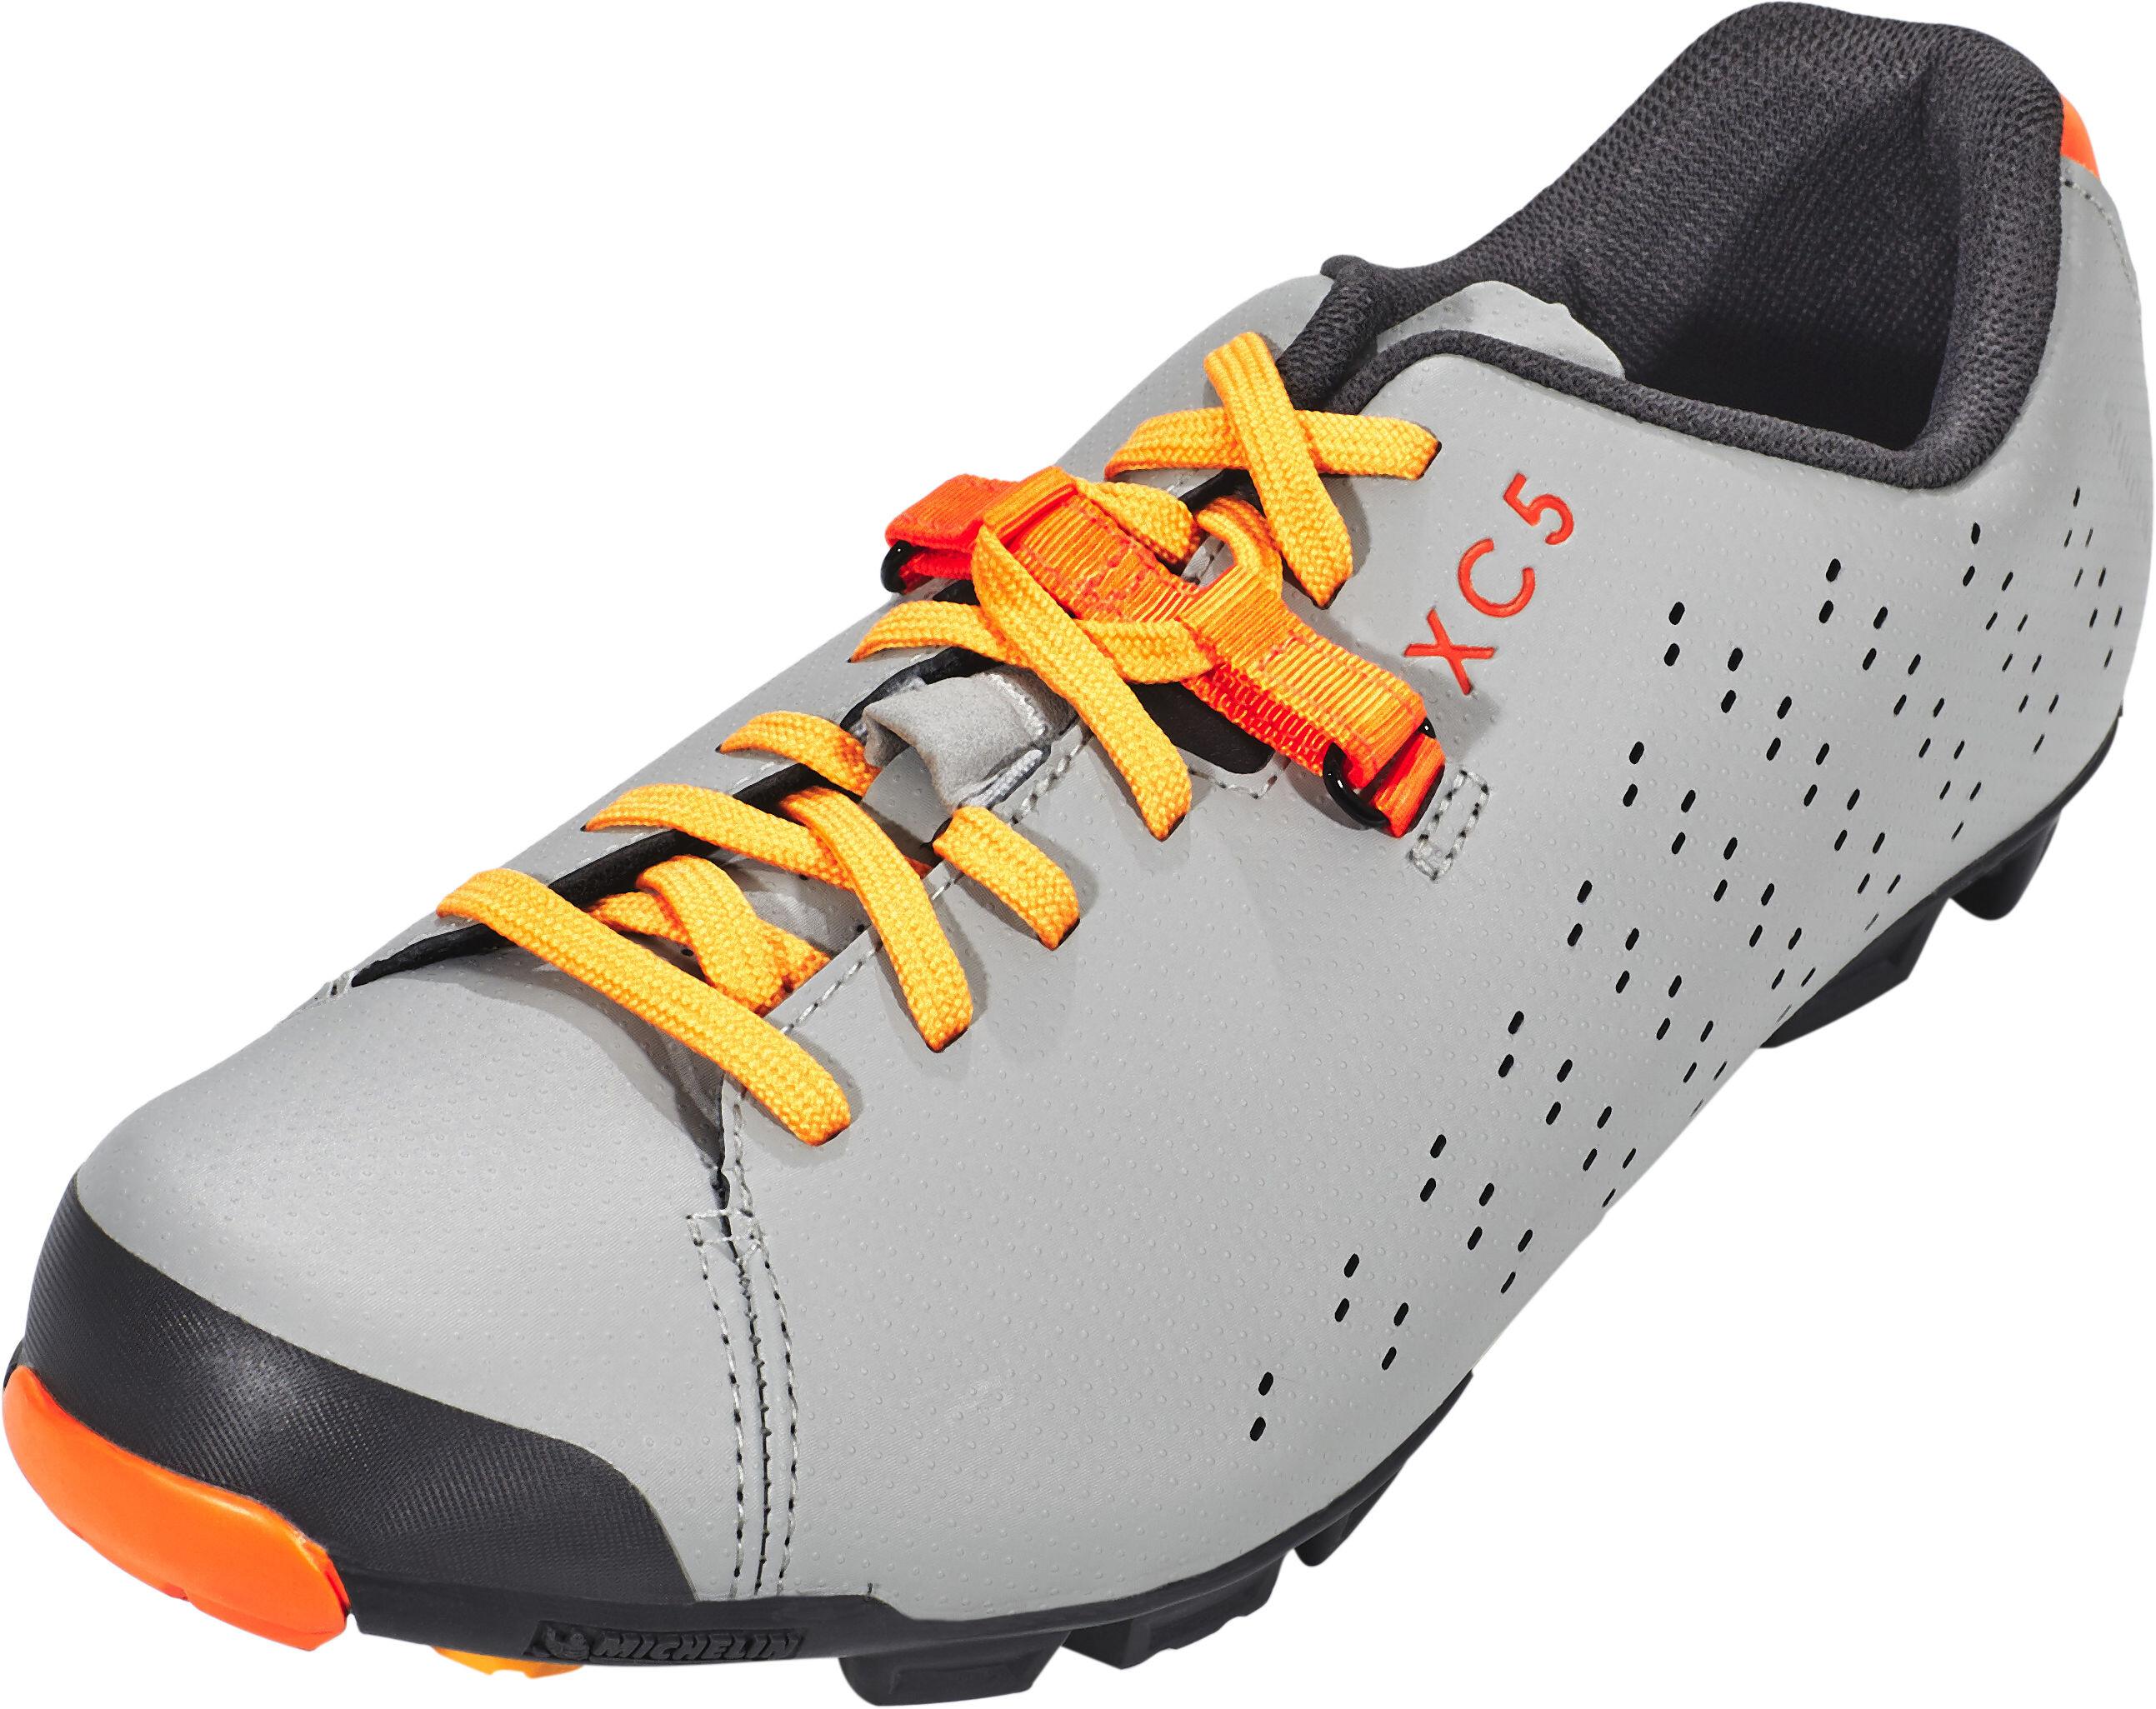 e995c9506e3 Shimano SH-XC5 schoenen grijs I Eenvoudig online bij Bikester